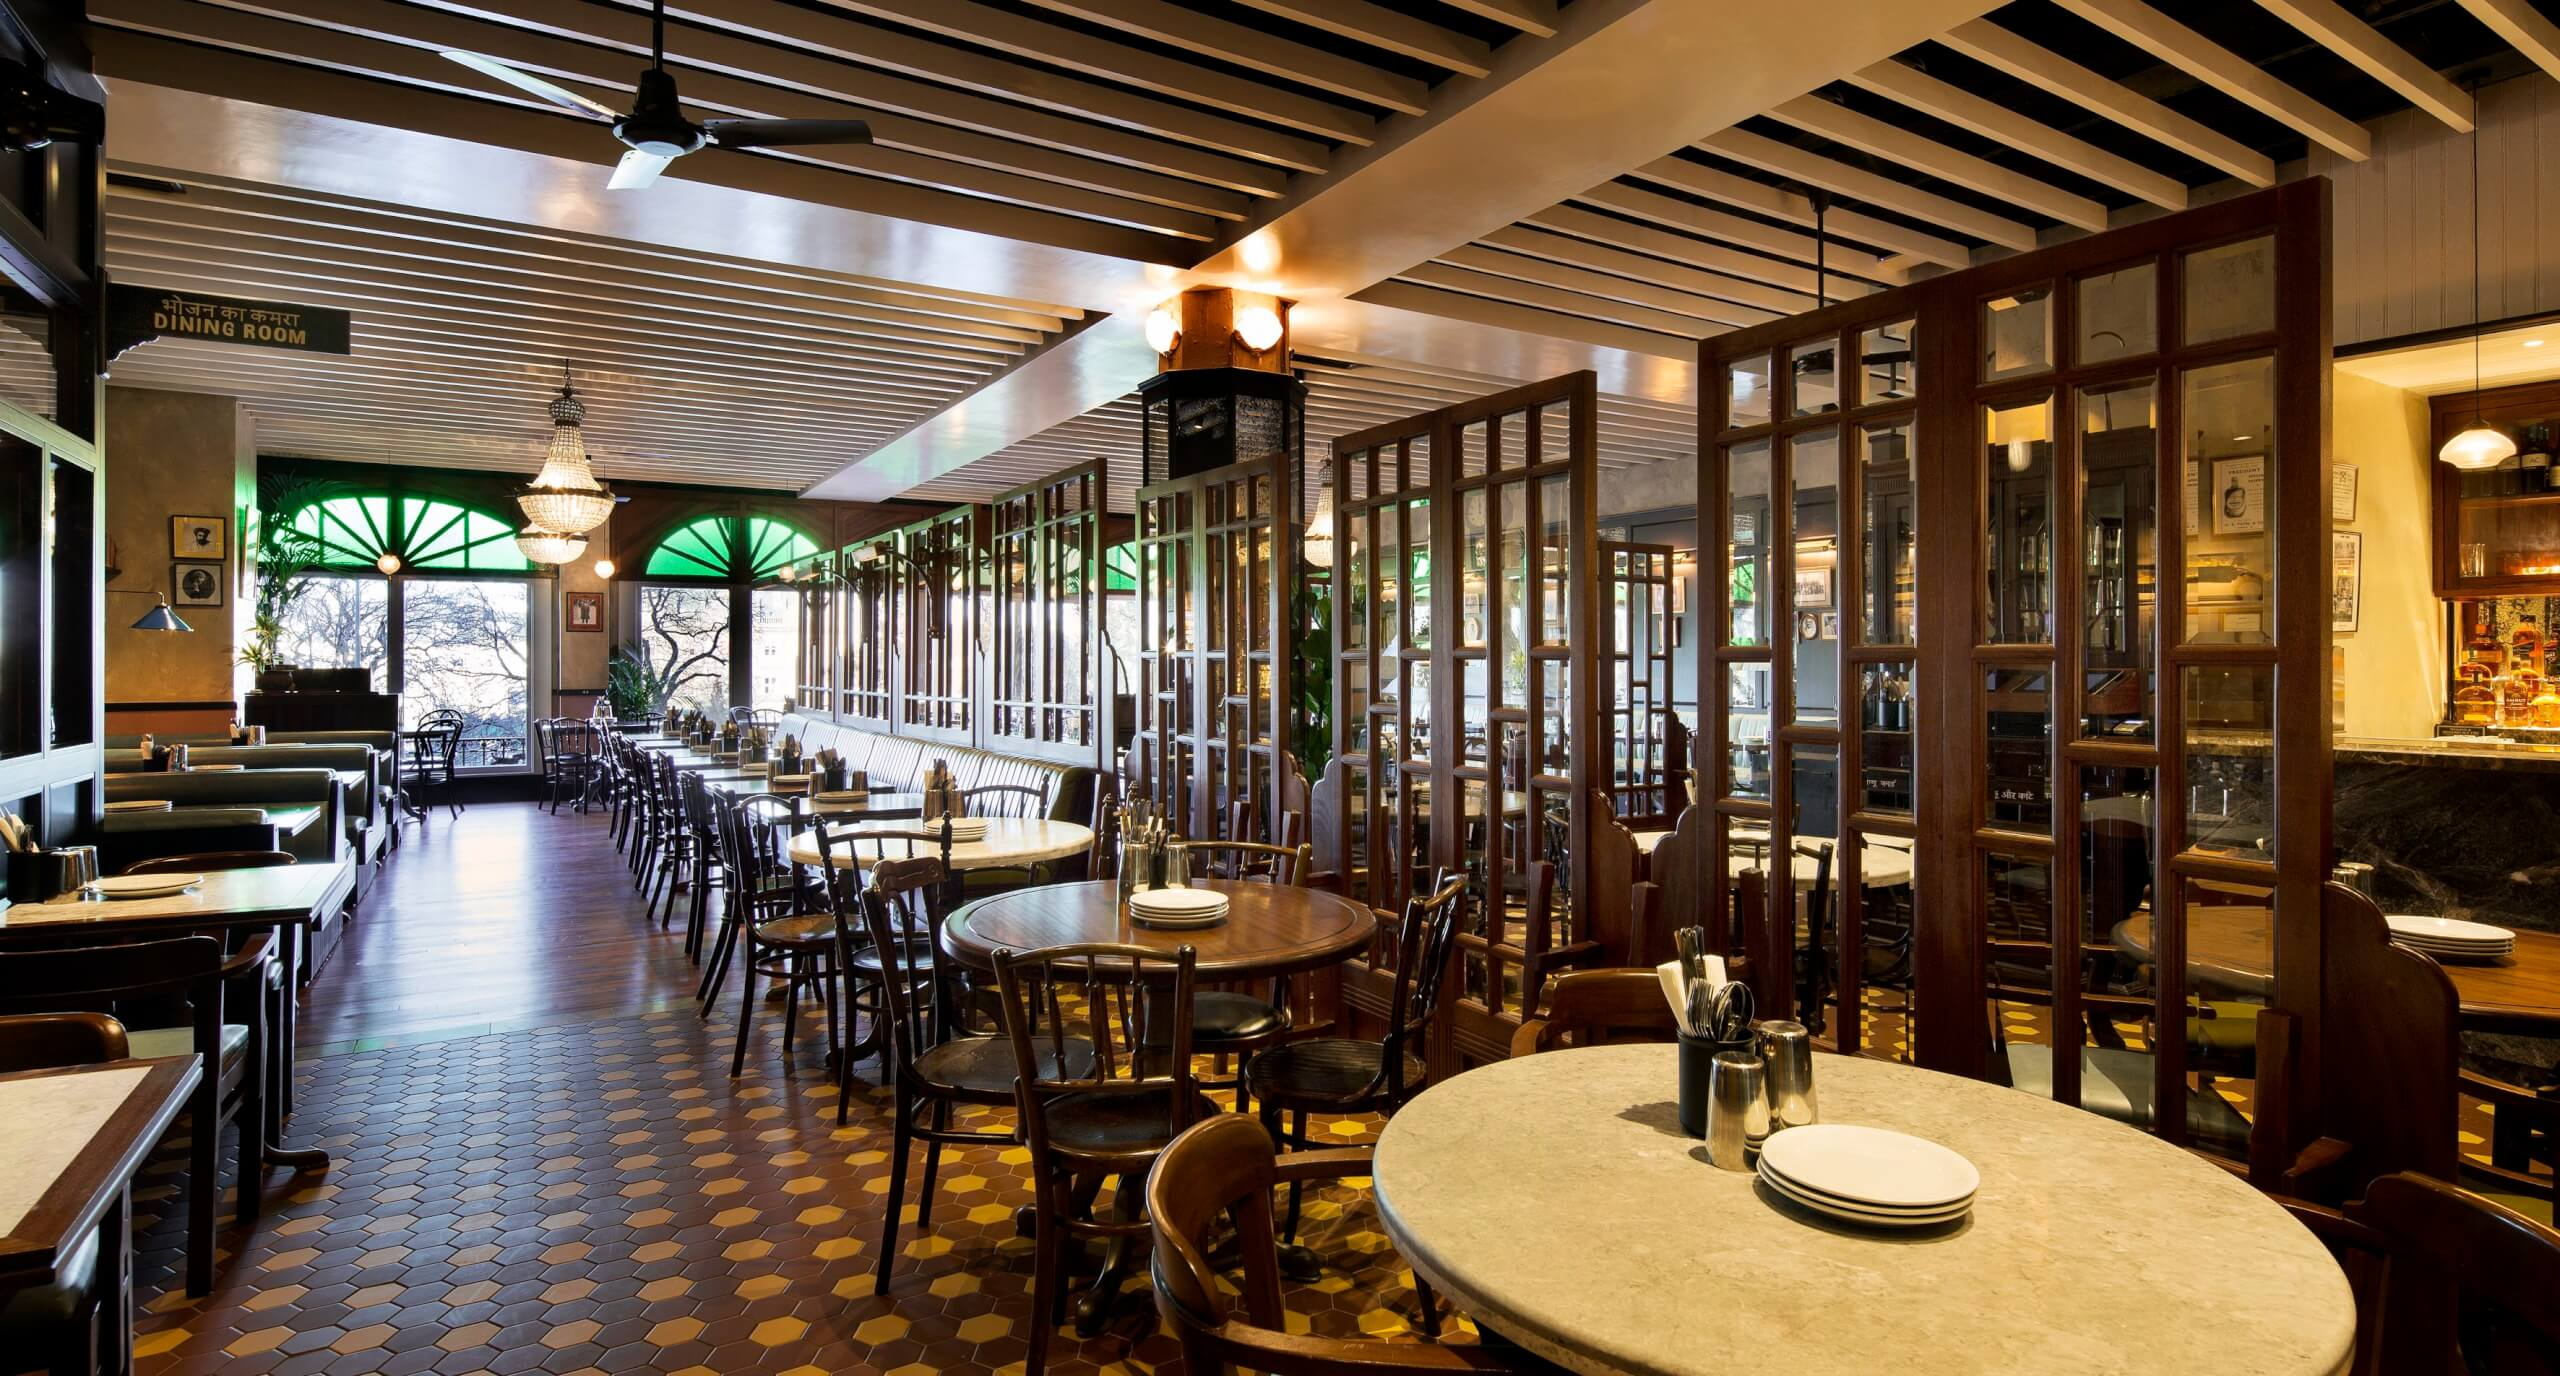 Dishoom Edinburgh, restaurants in Edinburgh, Dishoom Edinburgh review, reviews Edinburgh, new restaurants in Edinburgh, Dishoom, Dishoom restaurants, openings in Edinburgh